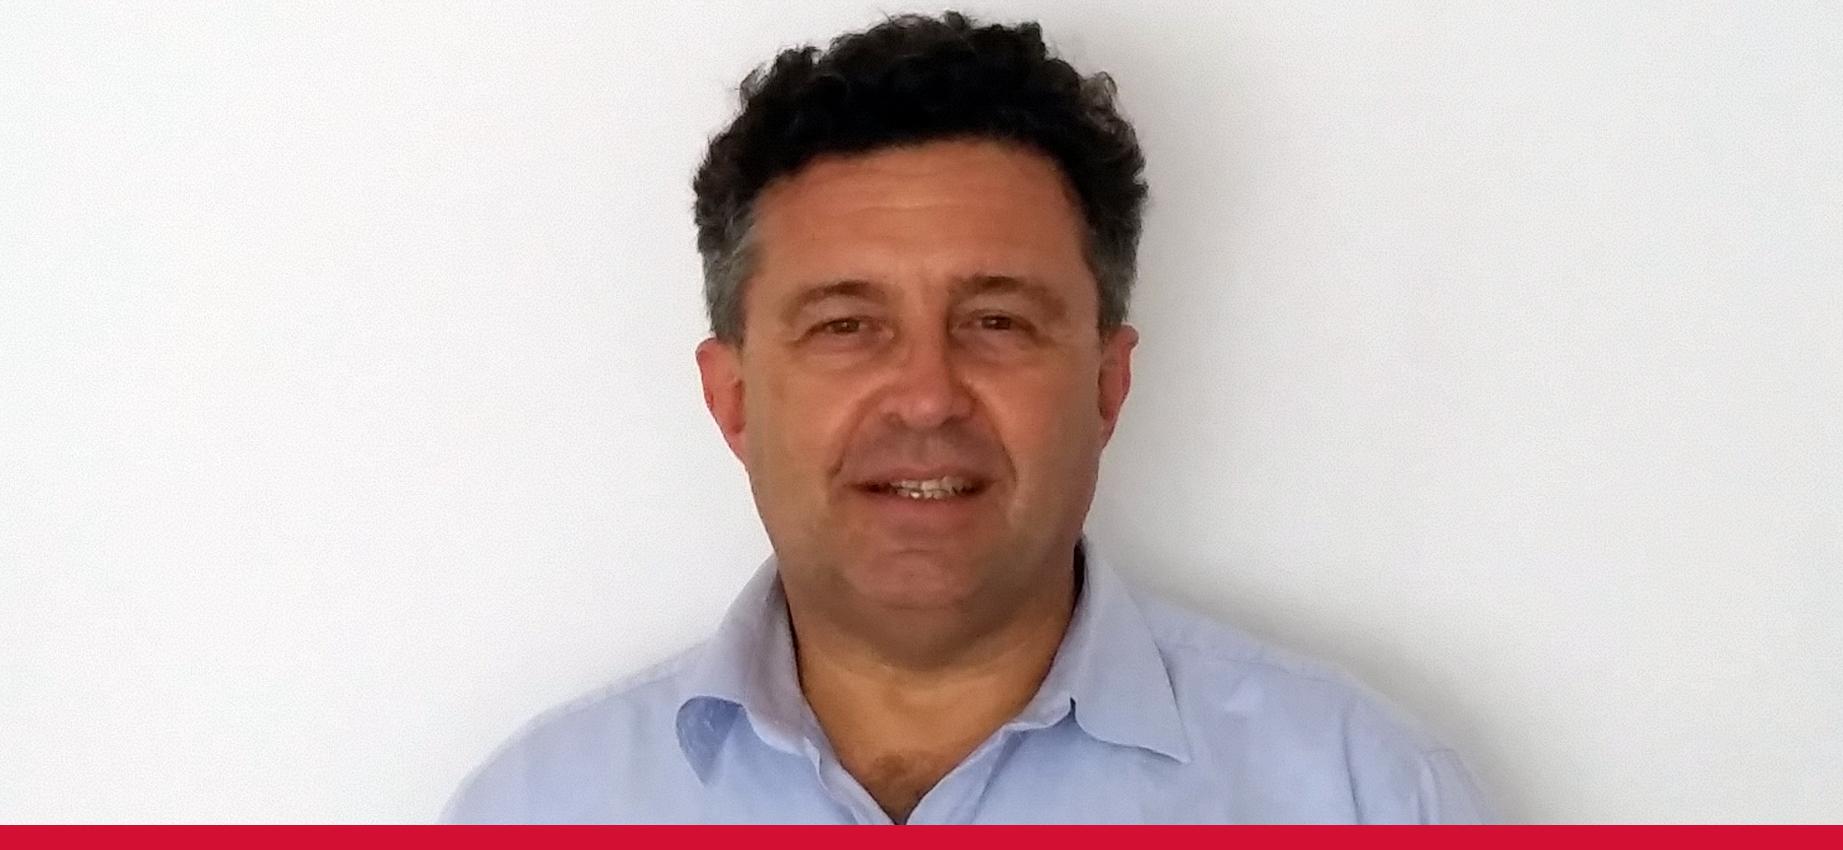 Ing. Augusto Rywaczuk